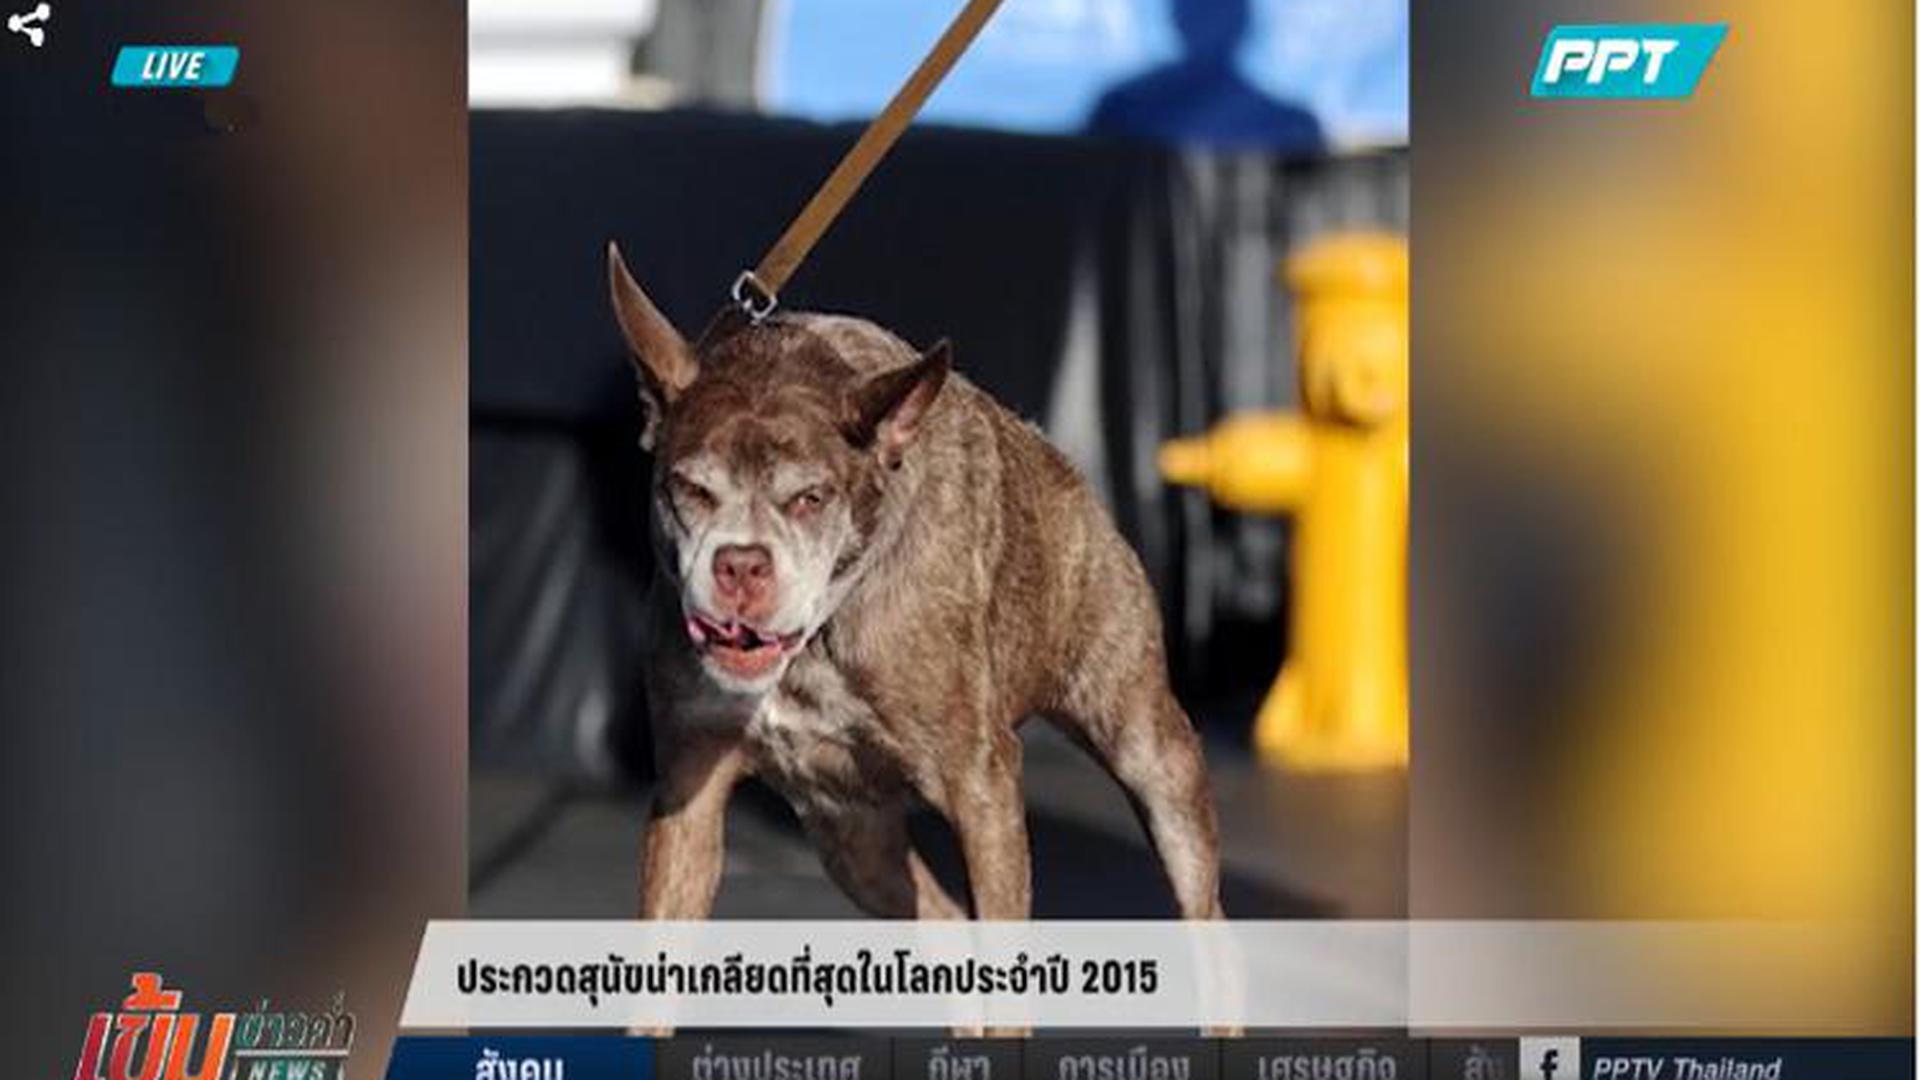 เจ้าตูบพันธุ์ทางพิการหลังค่อม คว้าแชมป์ประกวดสุนัขน่าเกลียดที่สุดในโลก